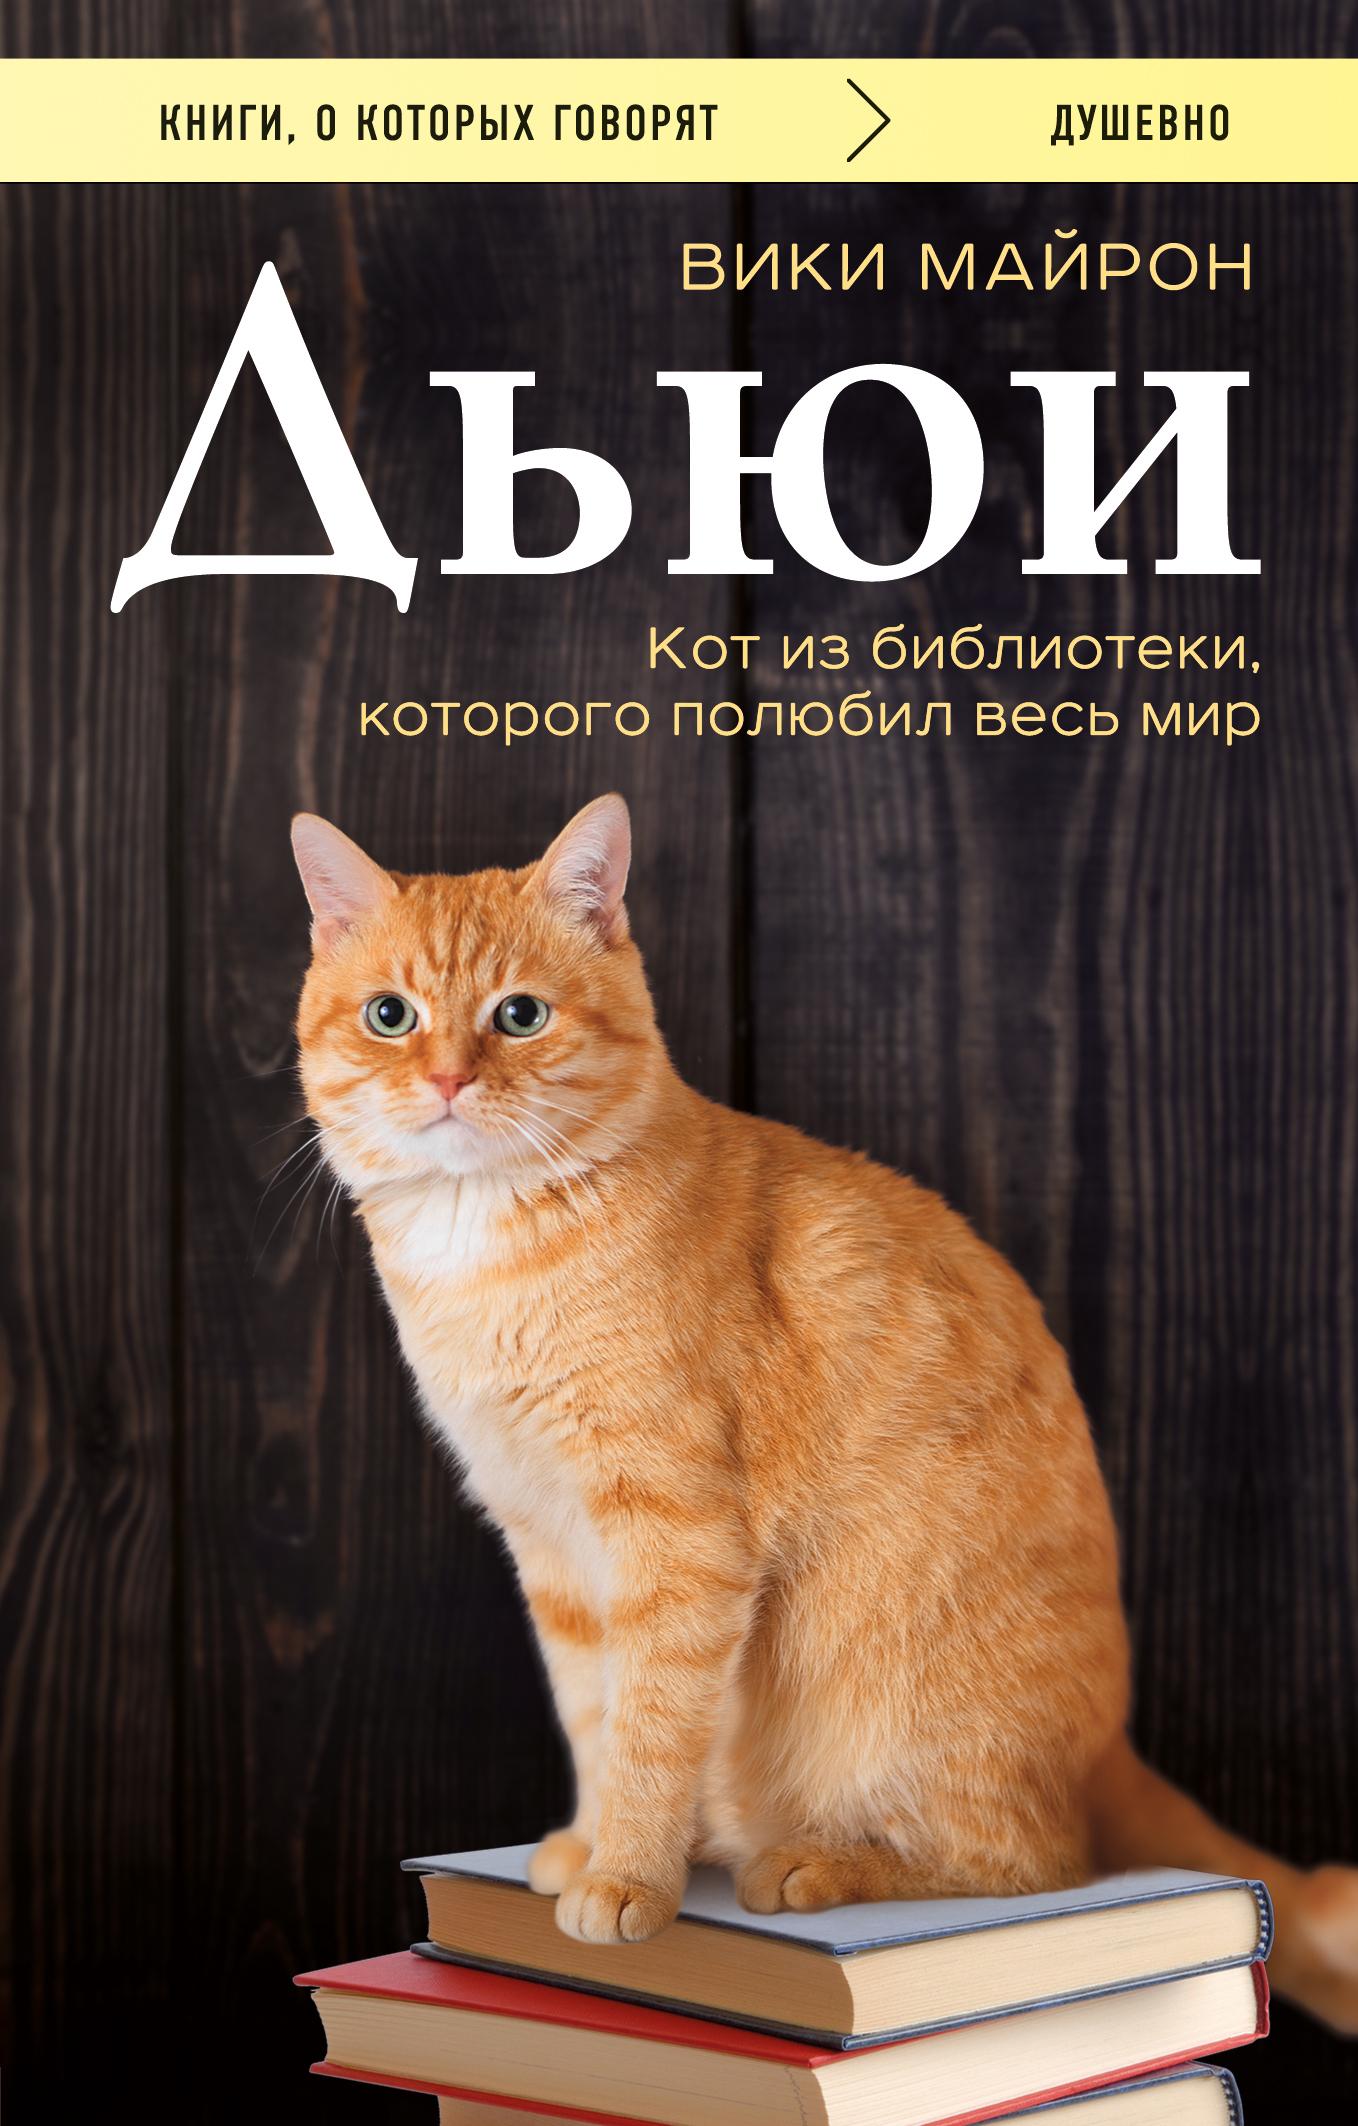 Дьюи. Библиотечный кот, который потряс весь мир